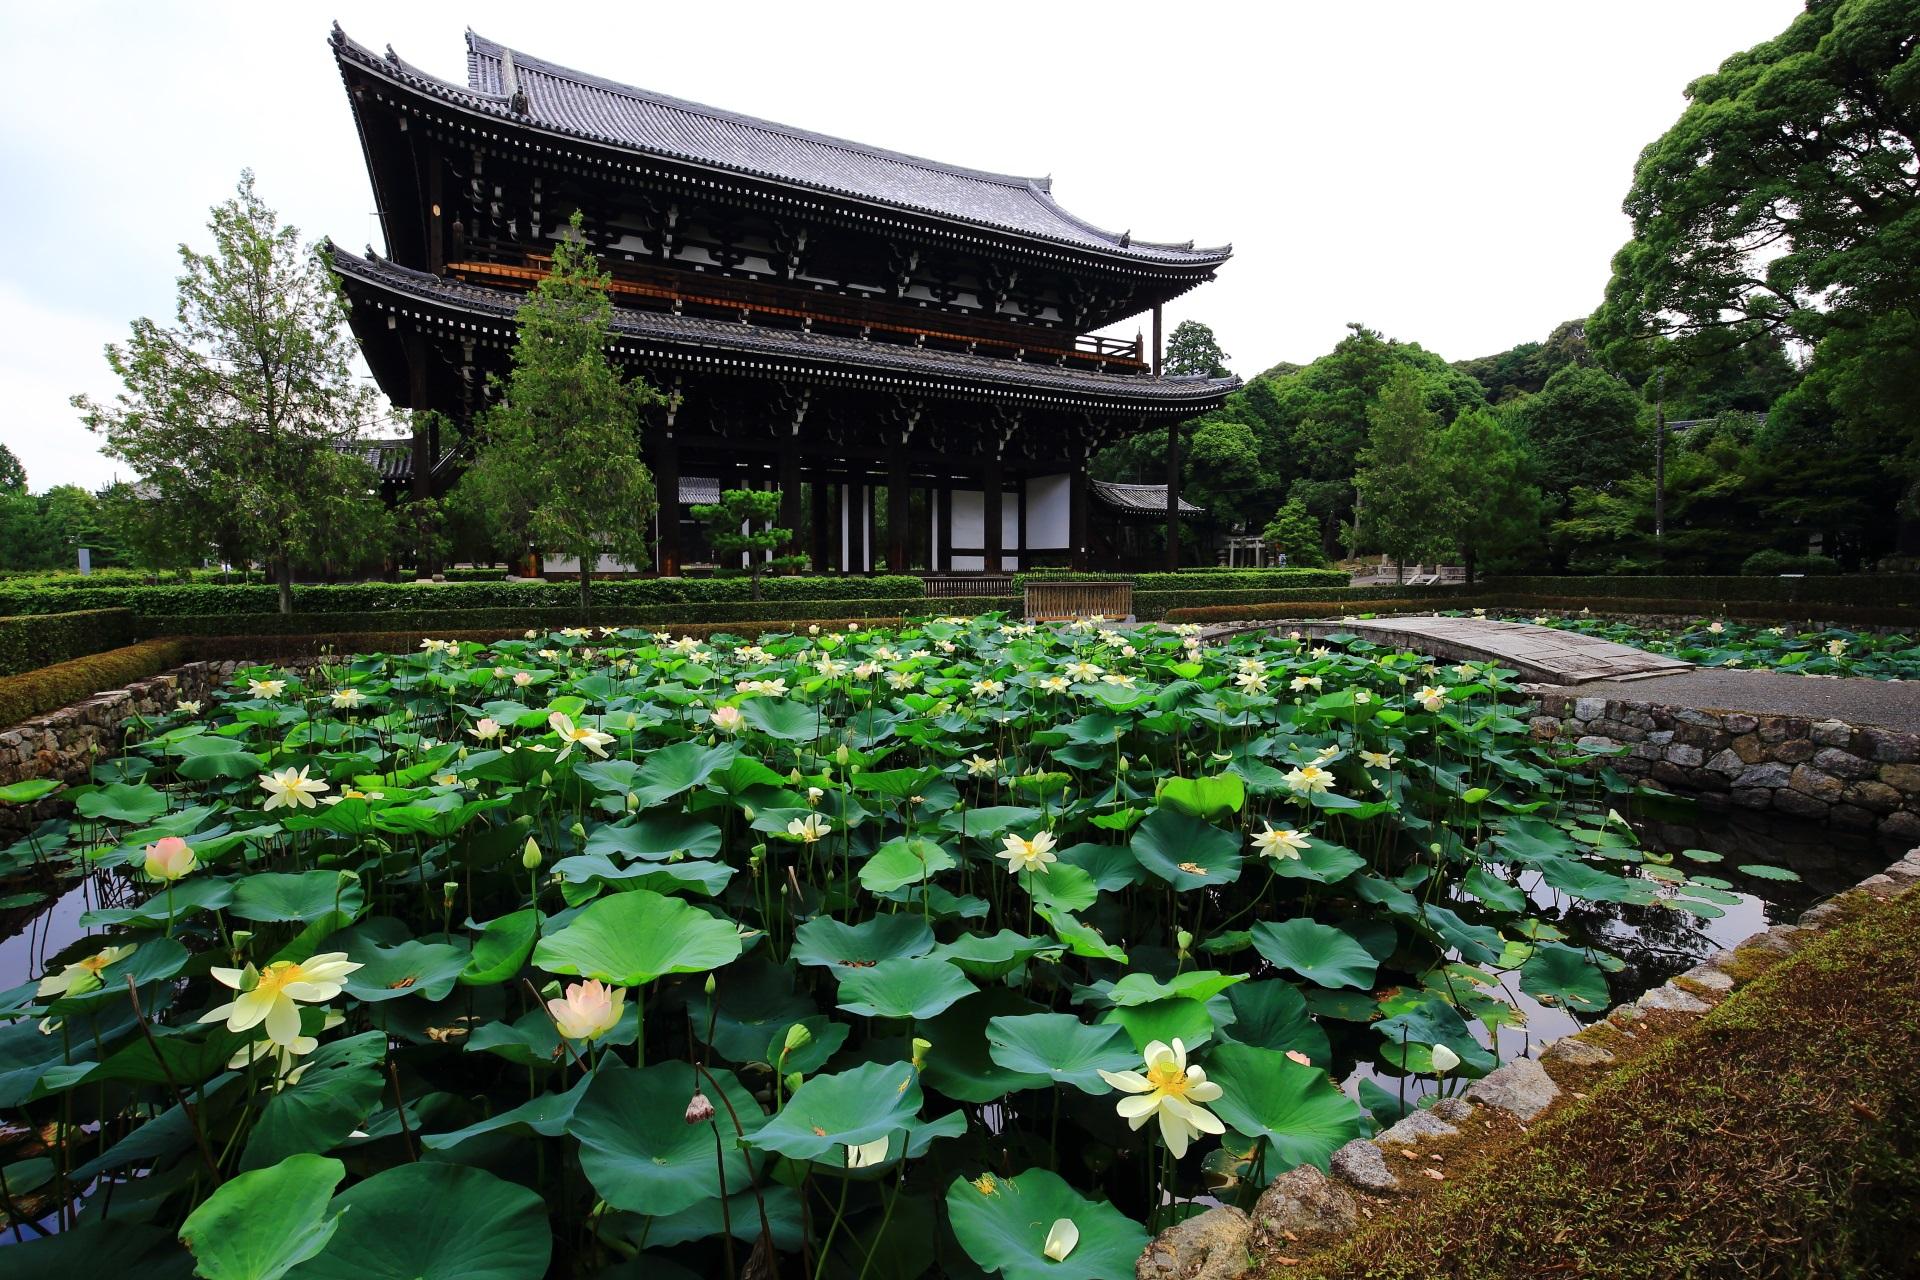 東福寺 蓮 三門前に広がる華やかなハスの花